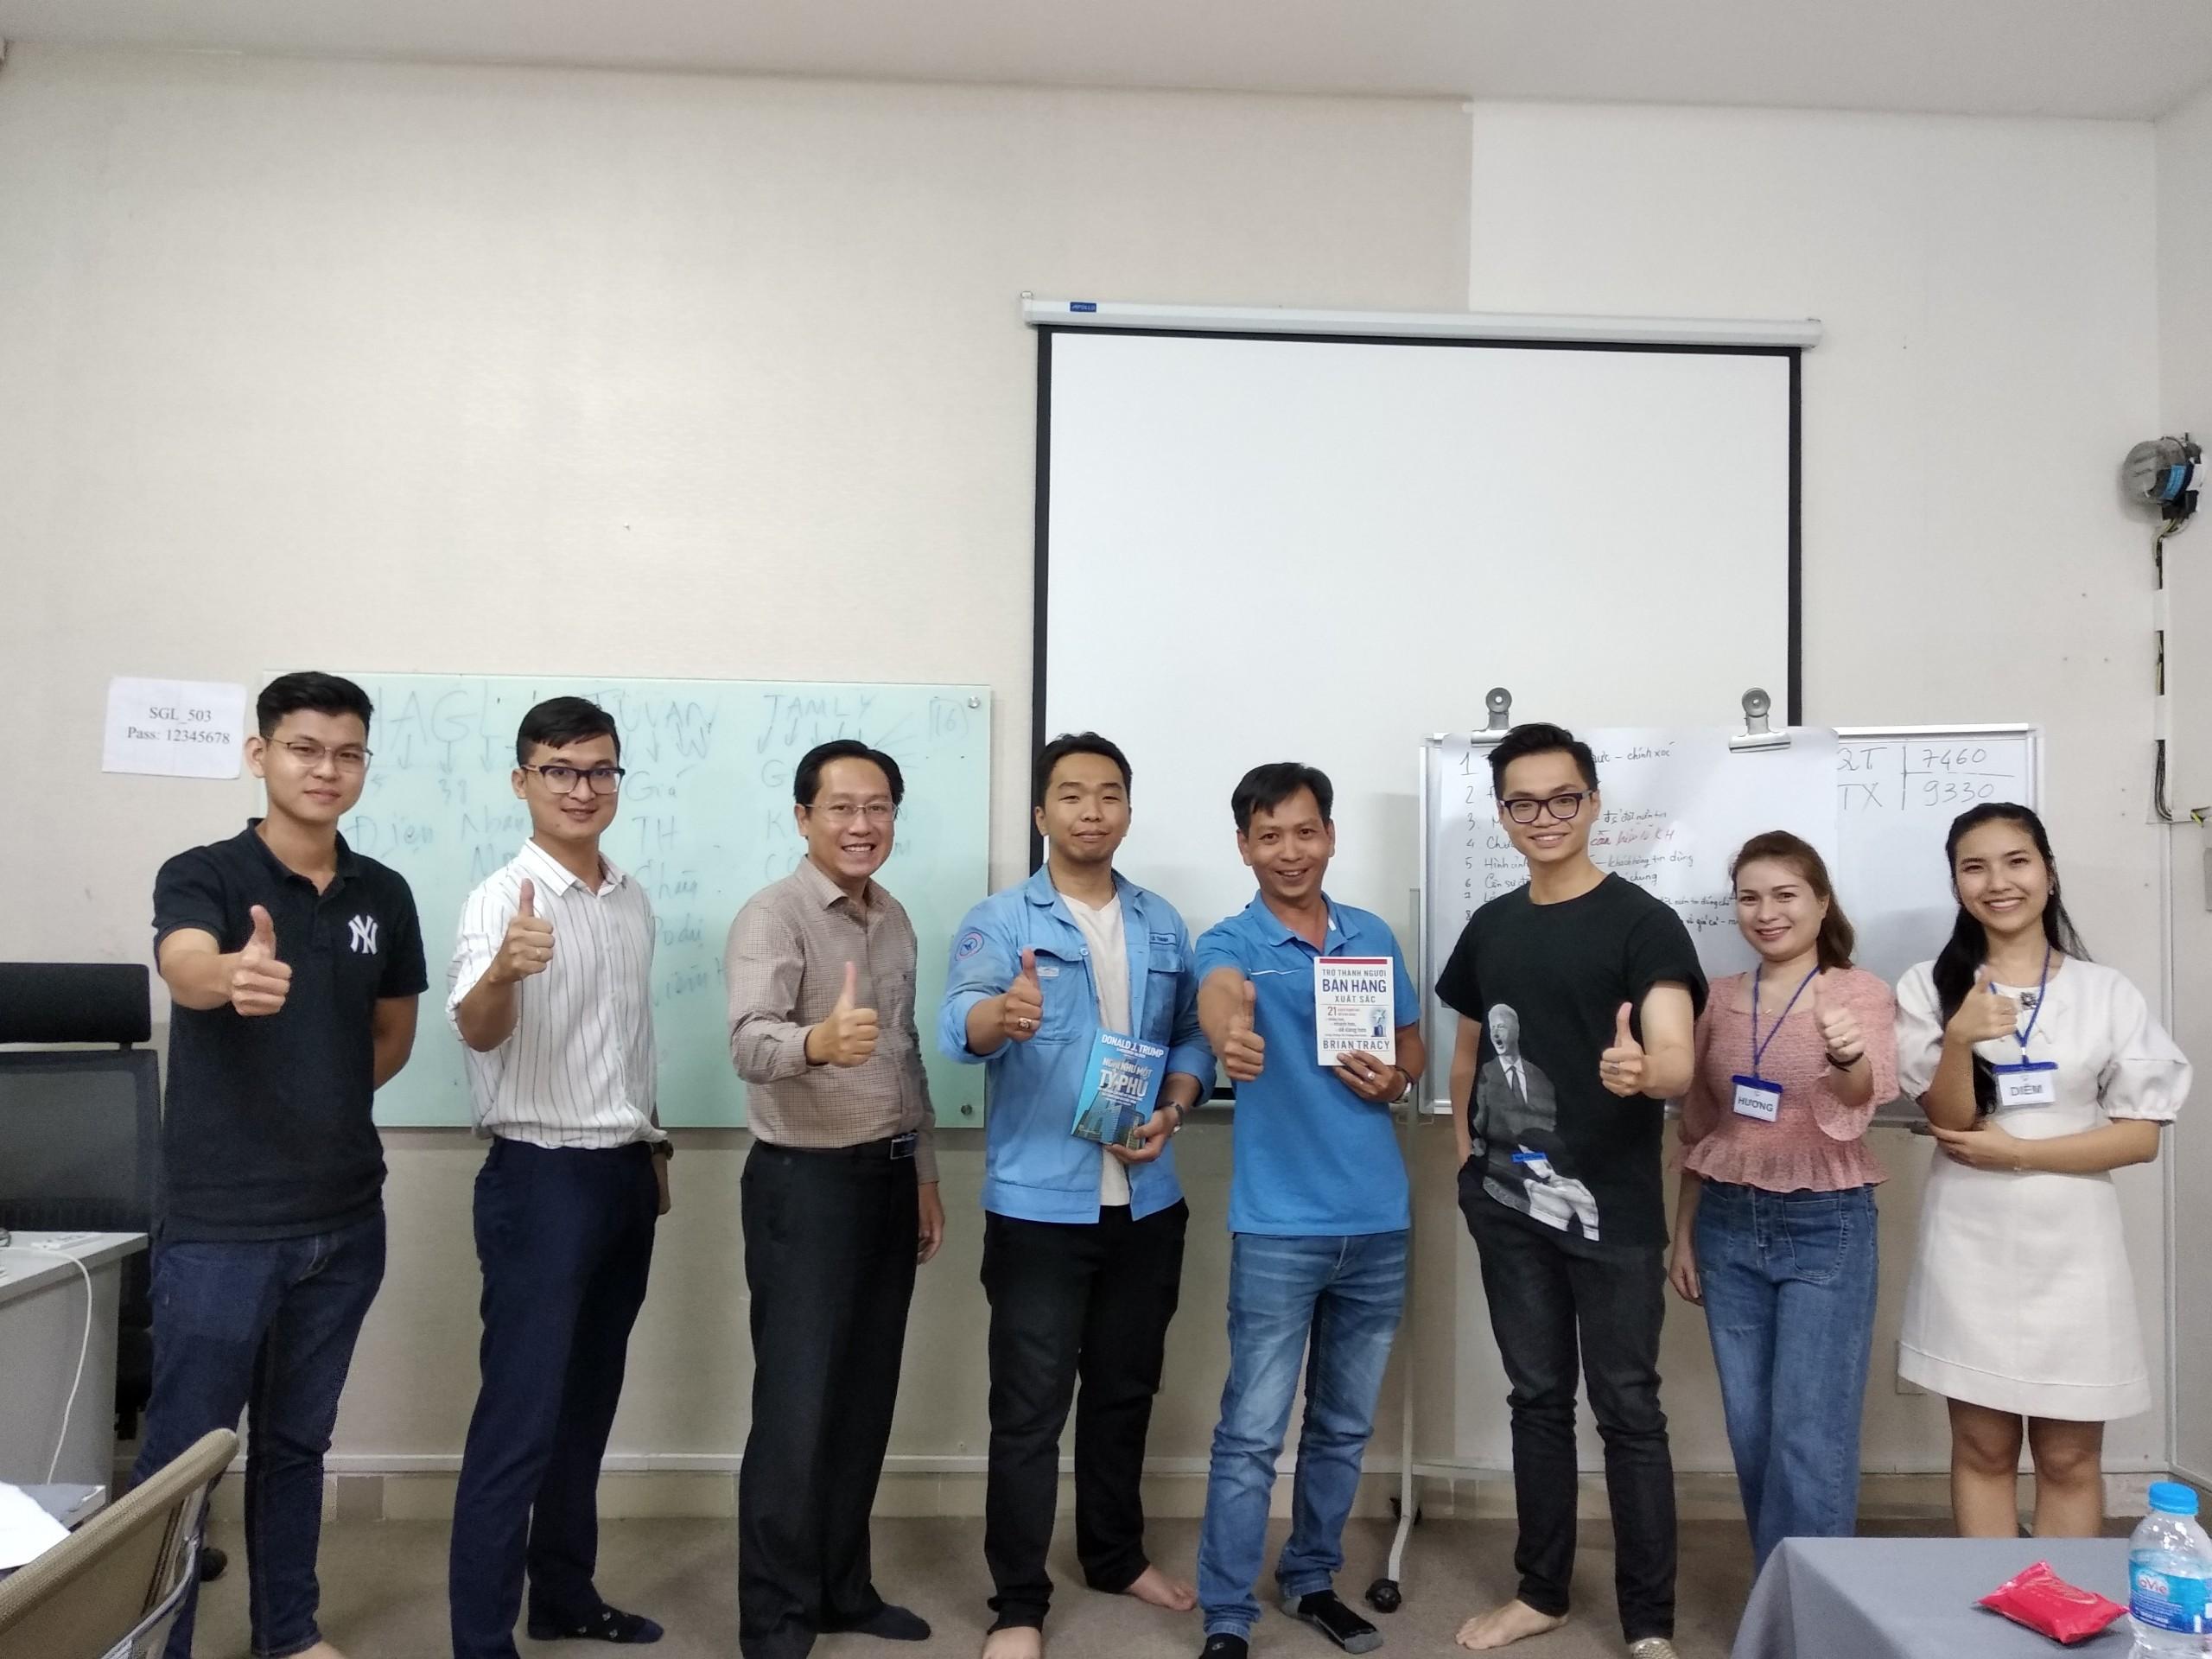 """Đào tạo public: """"kỹ năng giao tiếp bán hàng và CSKH hiệu quả"""" tại Hồ Chí Minh tháng 10"""